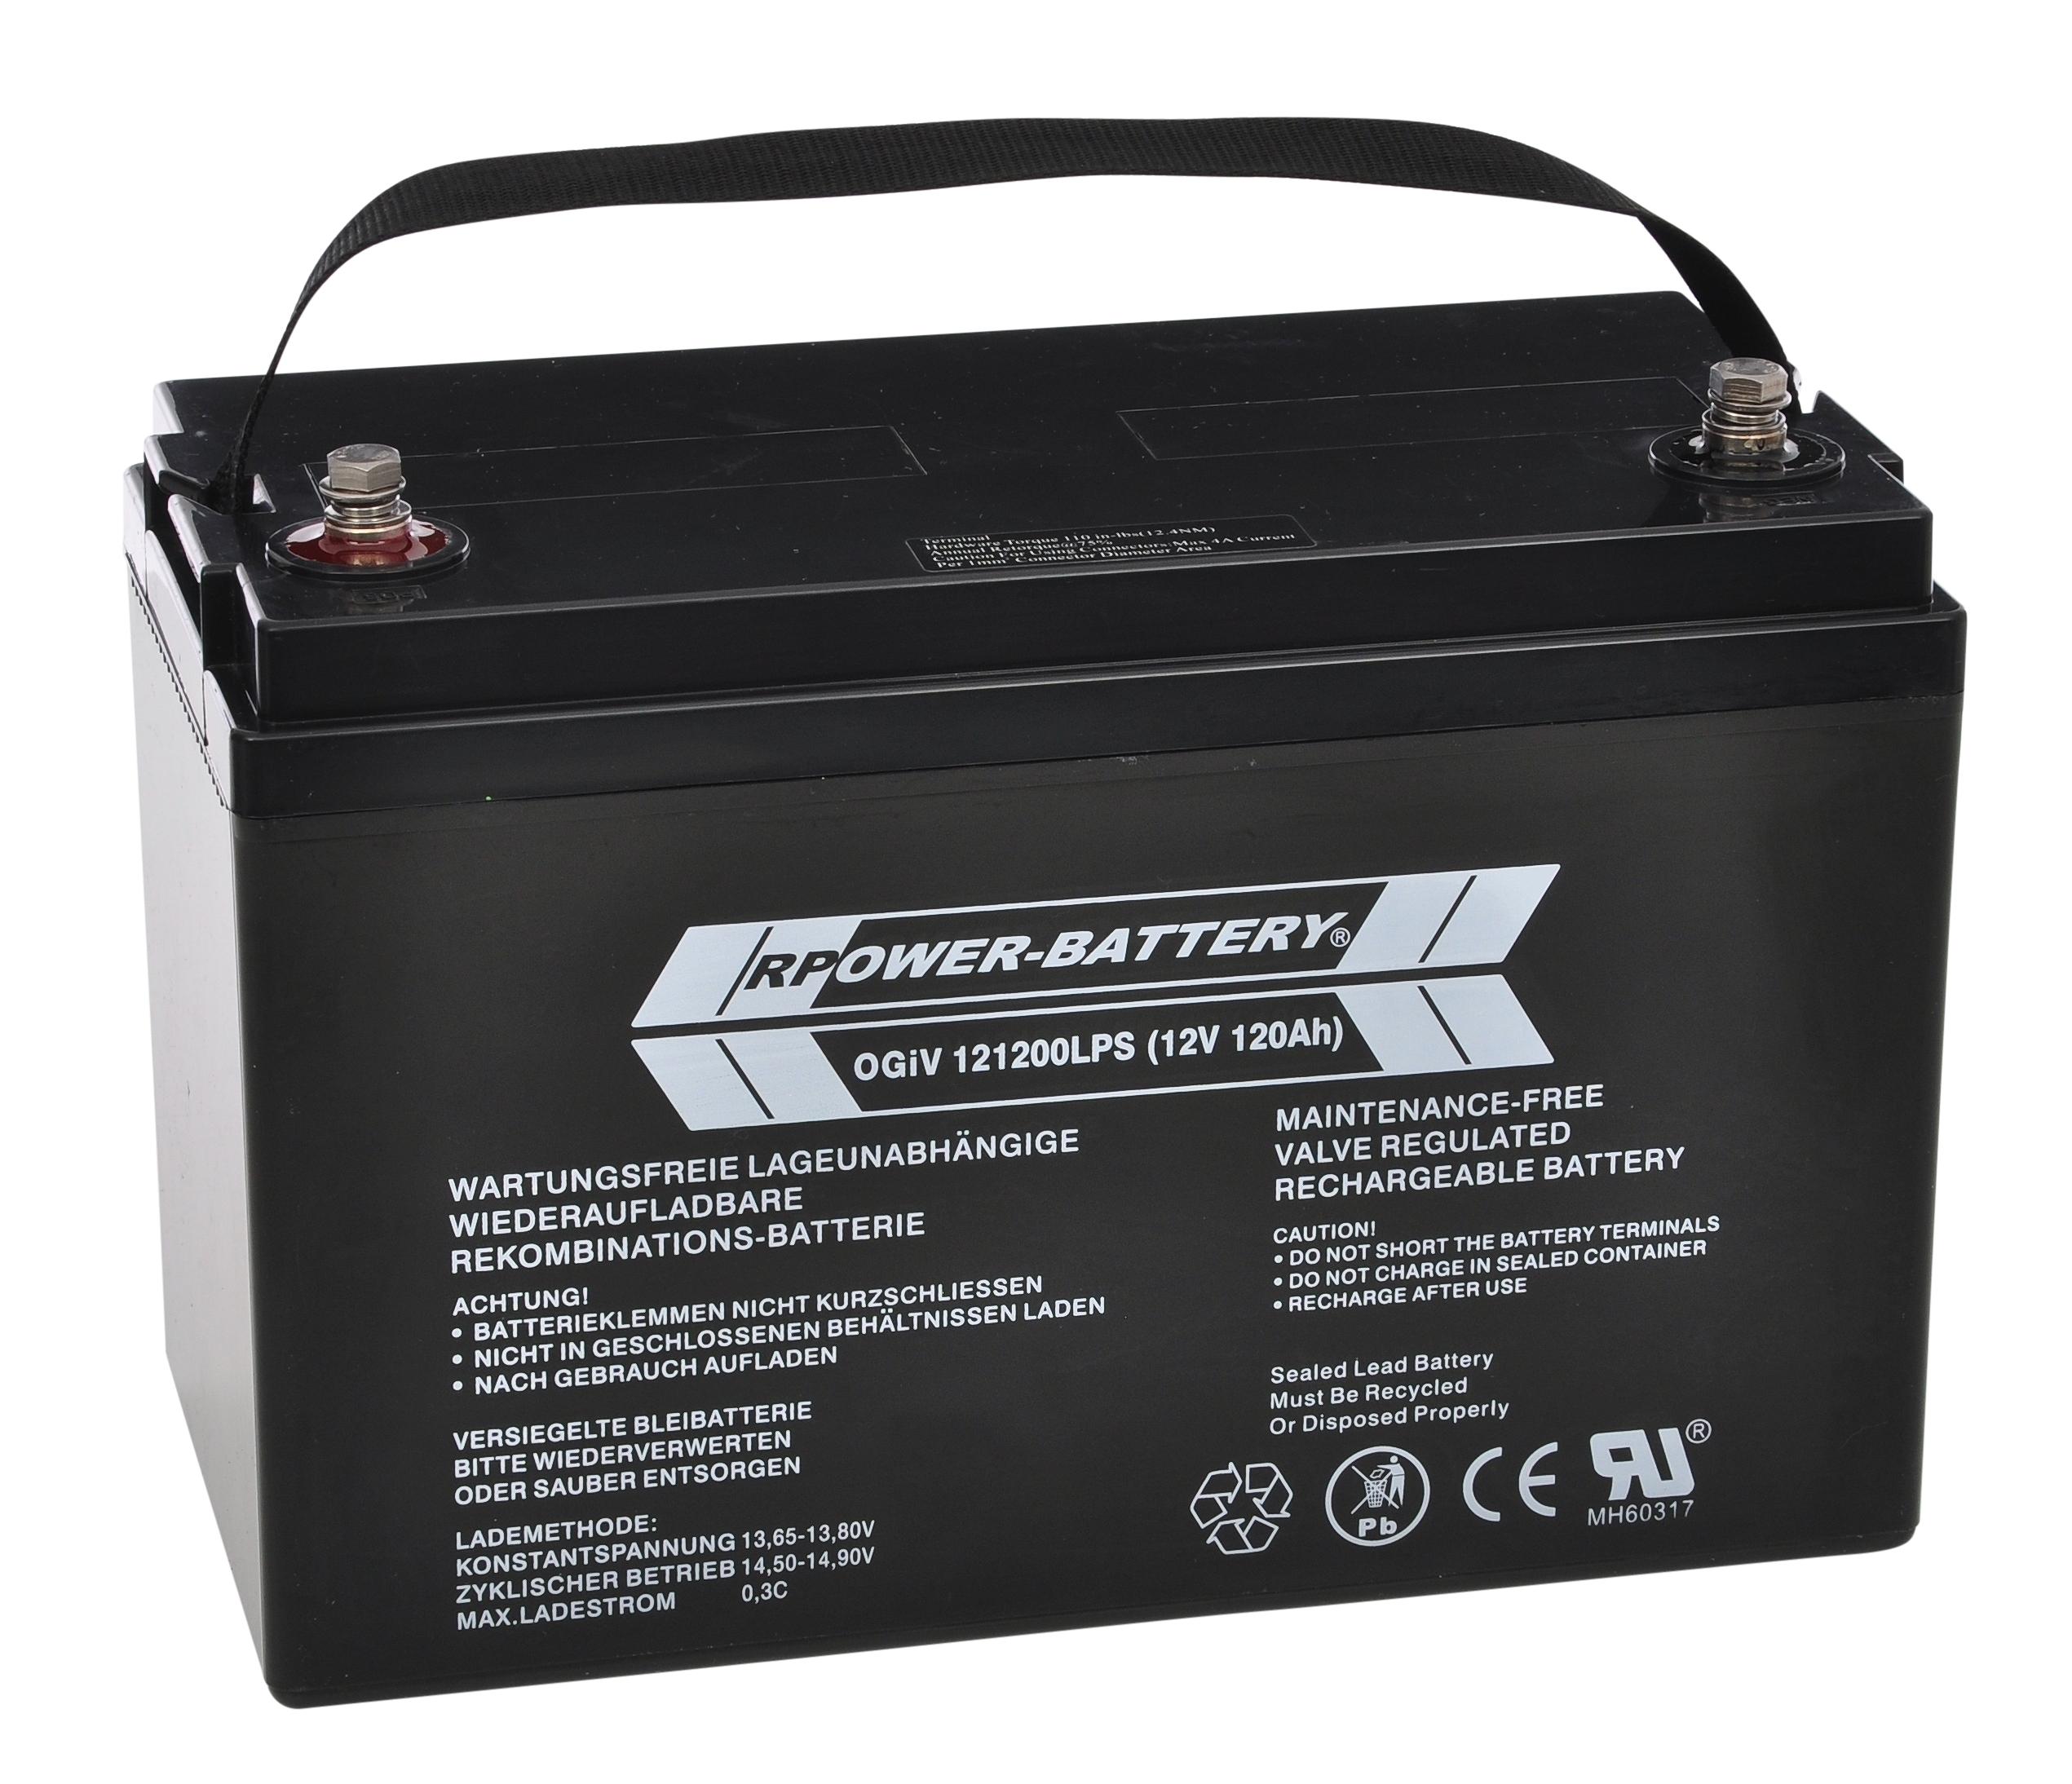 Batterie RPower OGiV longlife bis 12 Jahre 12V/126Ah (C20)